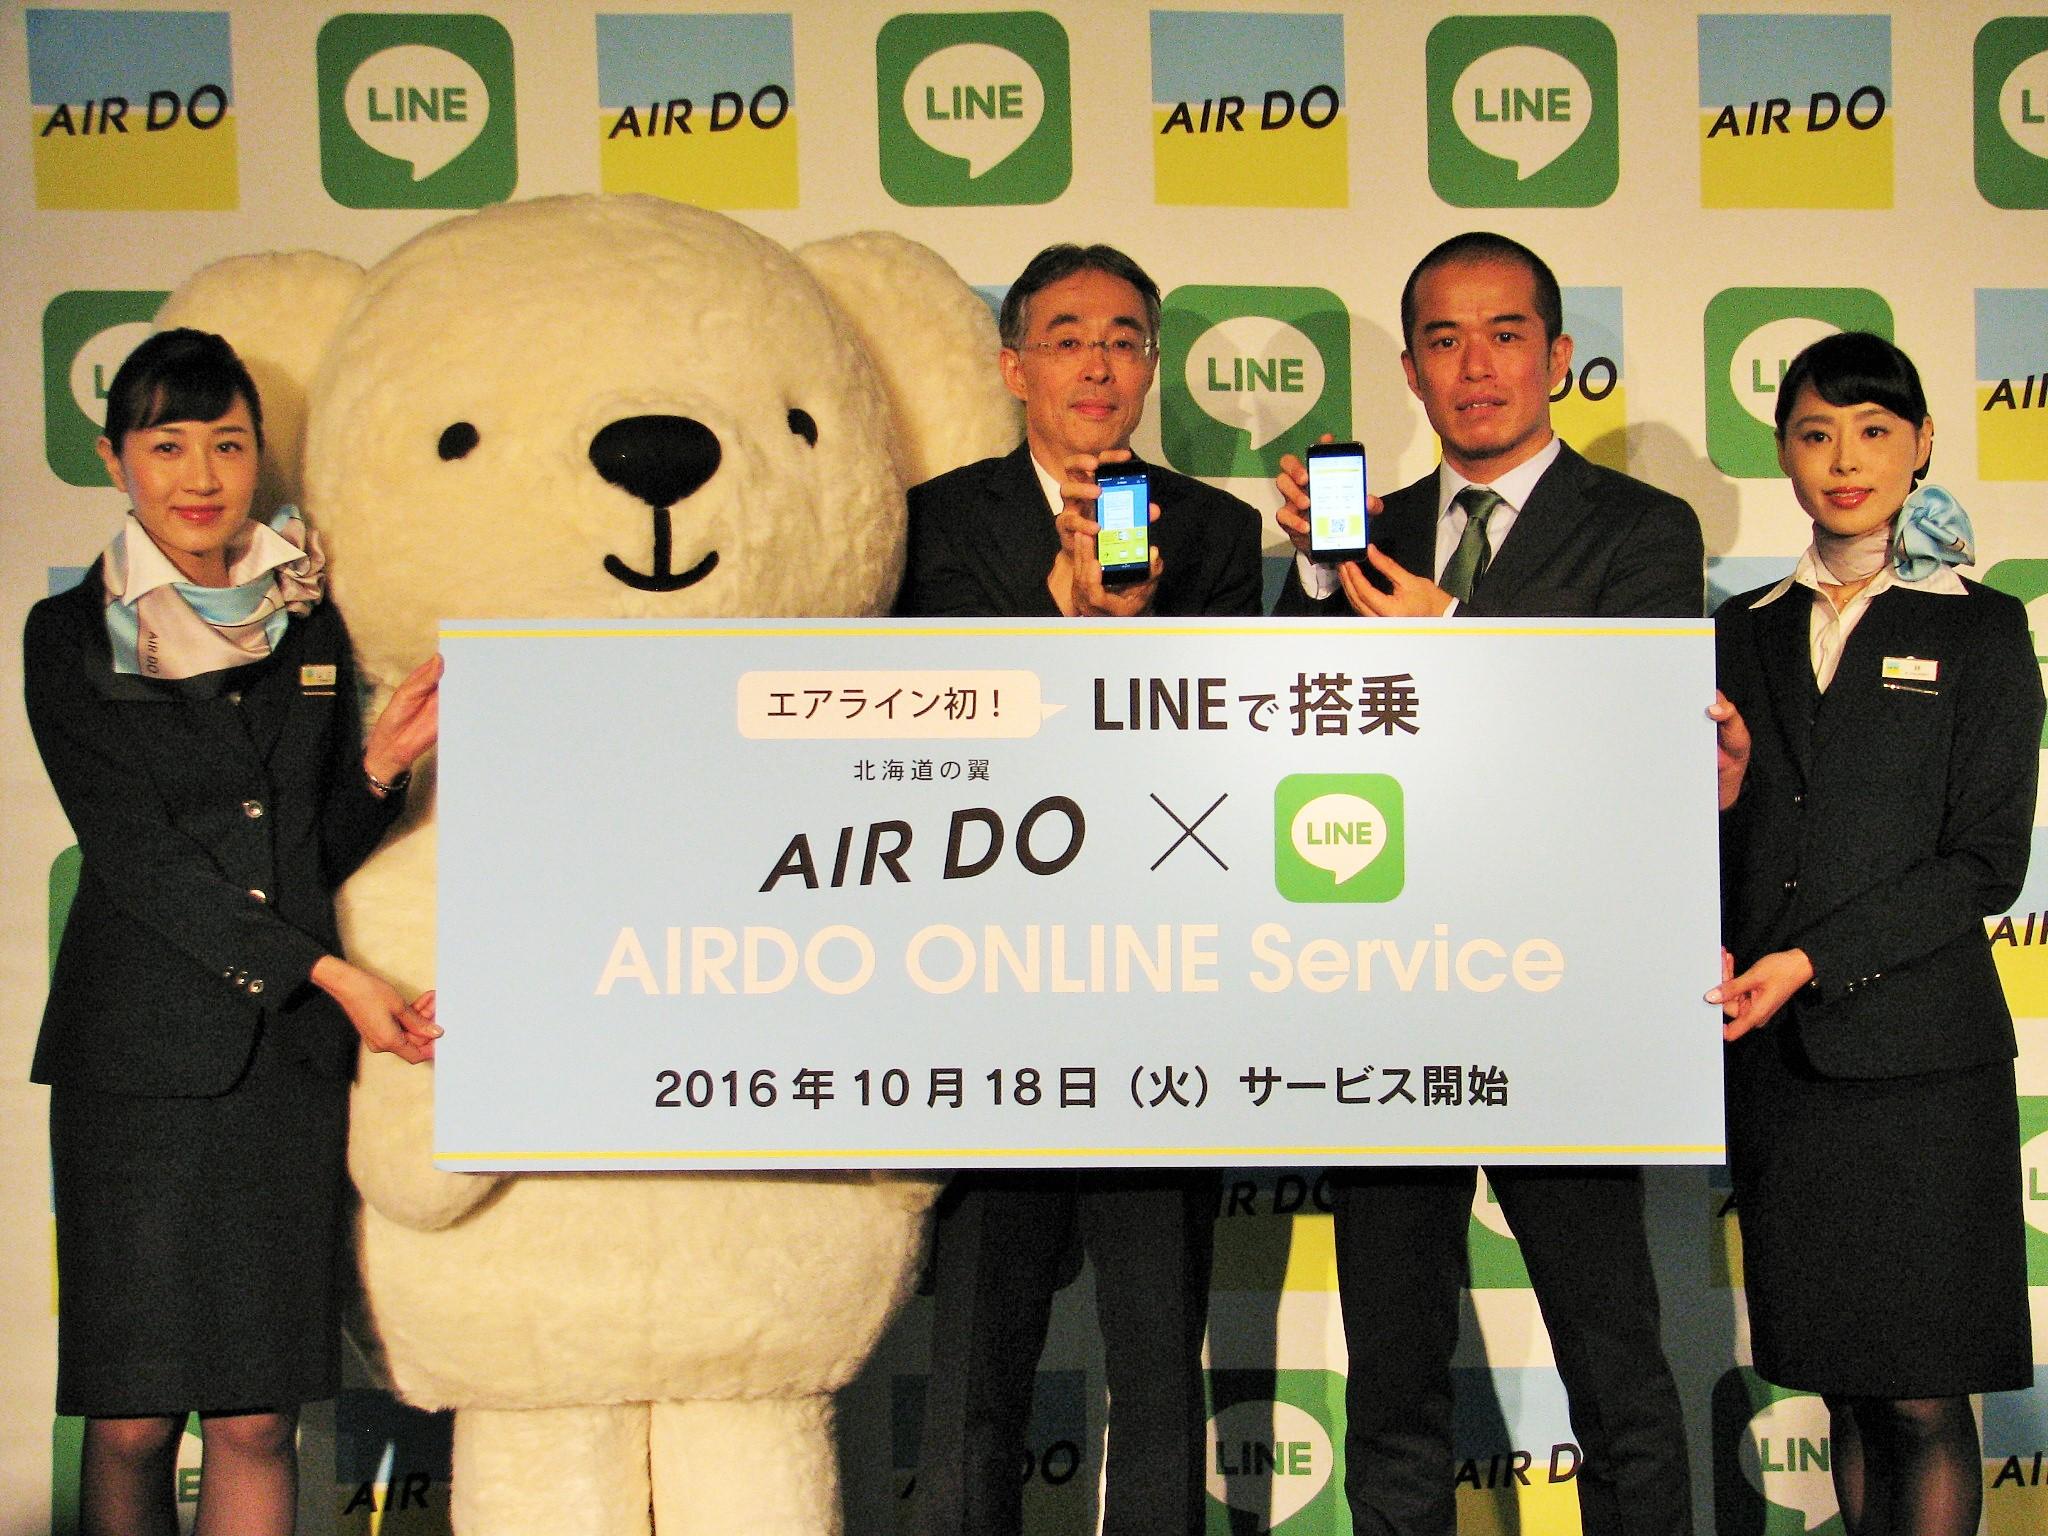 LINEトーク画面をかざして航空機の搭乗が可能に、AIRDOがエアライン初で導入、将来的はAI活用でコンサル機能を